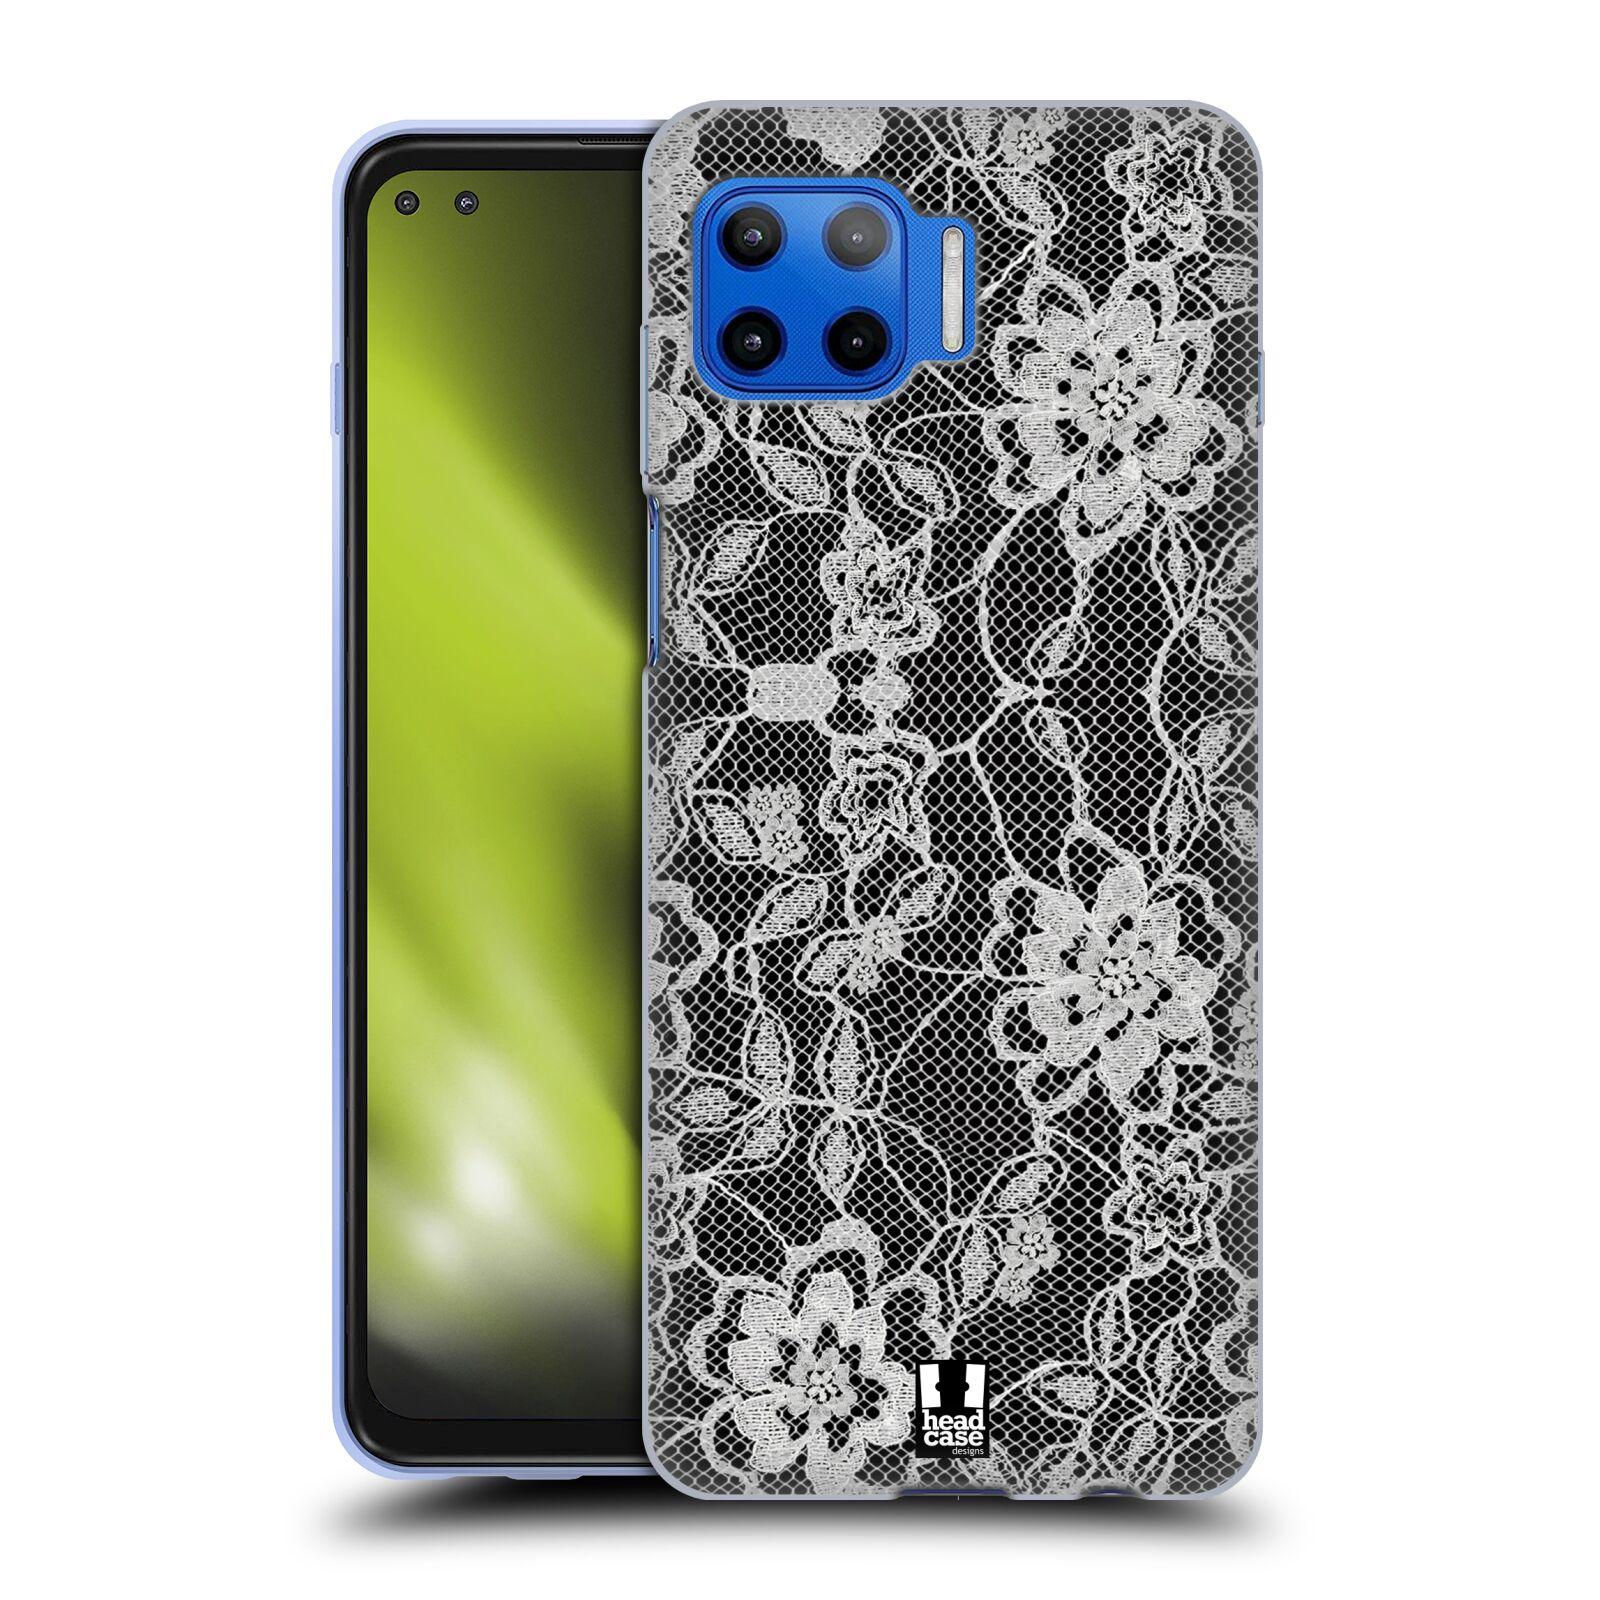 Silikonové pouzdro na mobil Motorola Moto G 5G Plus - Head Case - FLOWERY KRAJKA